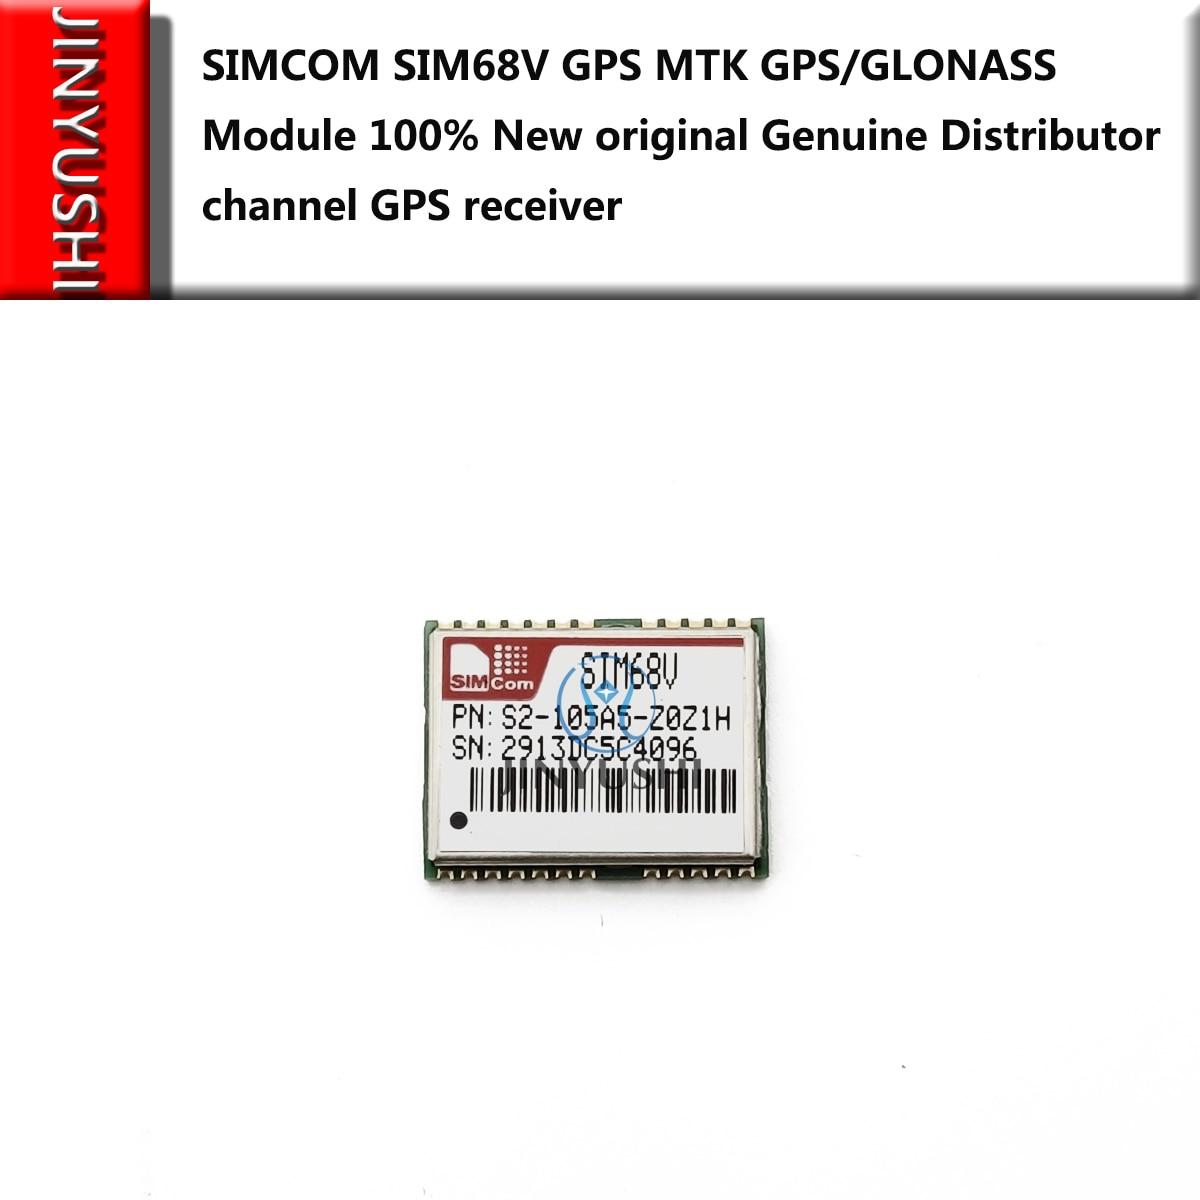 2 uds SIM68V SIMCOM GPS MTK GPS/GLONASS módulo 100% nuevo original distribuidor canal GPS receptor envío gratis en Stock Versión Global Lenovo A6 nota 3GB 32GB MTK P22 Octa Core Smartphone Dual a las cámaras de 19,5: 9 6,09